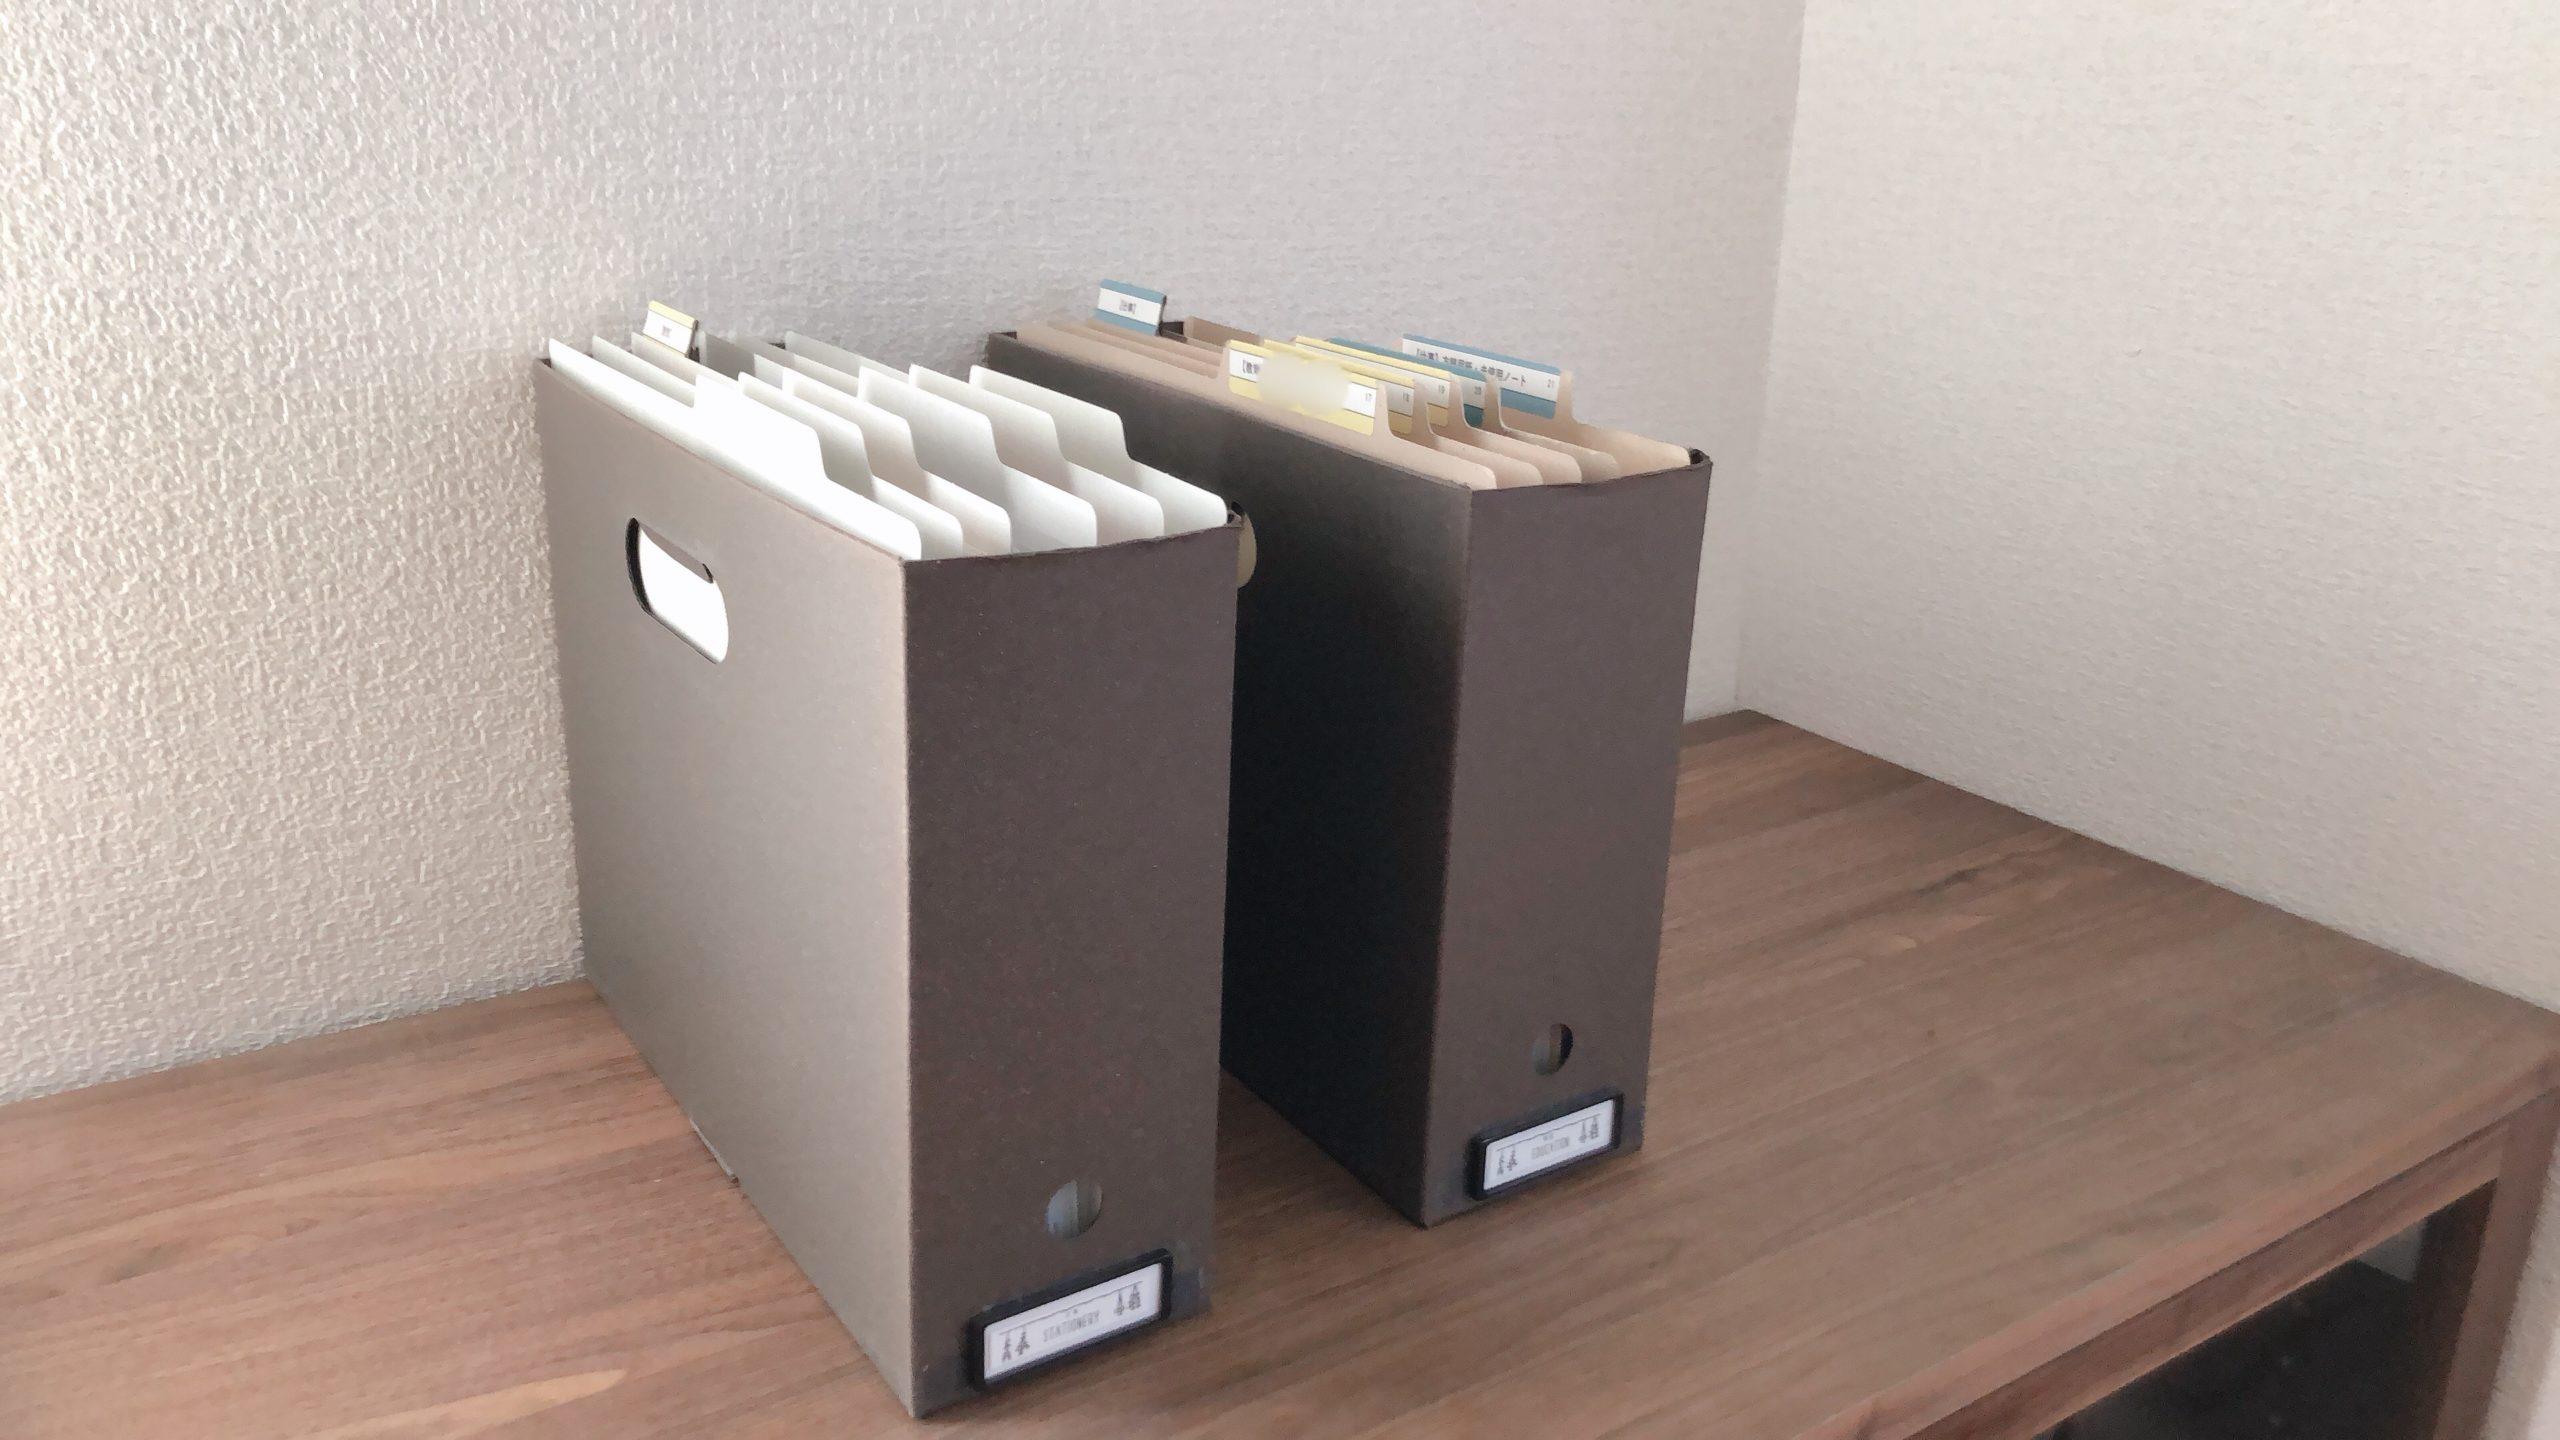 環境にもやさしい♪コクヨ 個別フォルダー NEOS シリーズのオフホワイト!